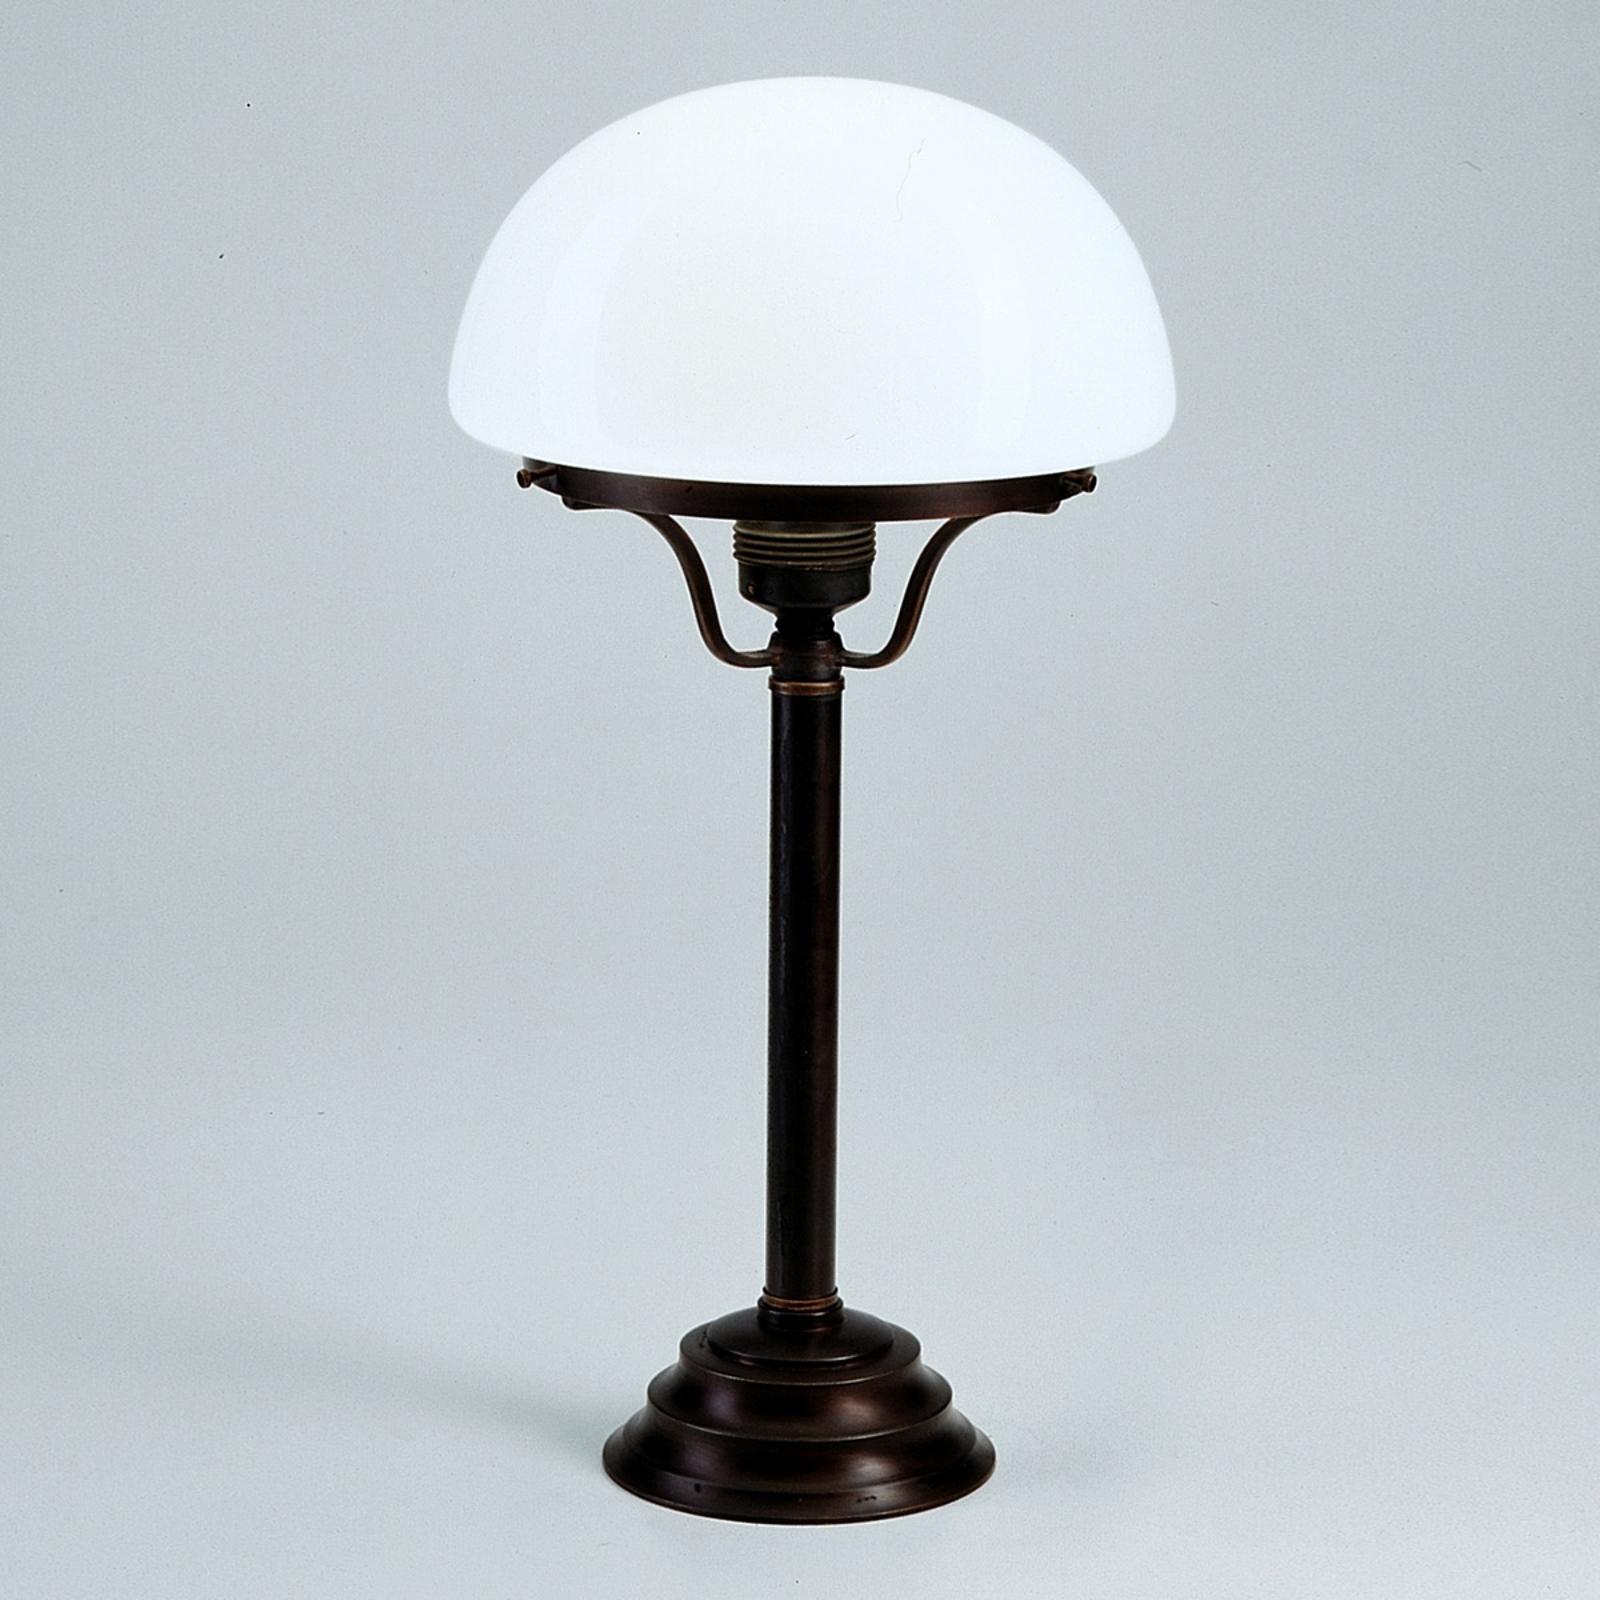 Lampe à poser Frank avec un style antique-rustique